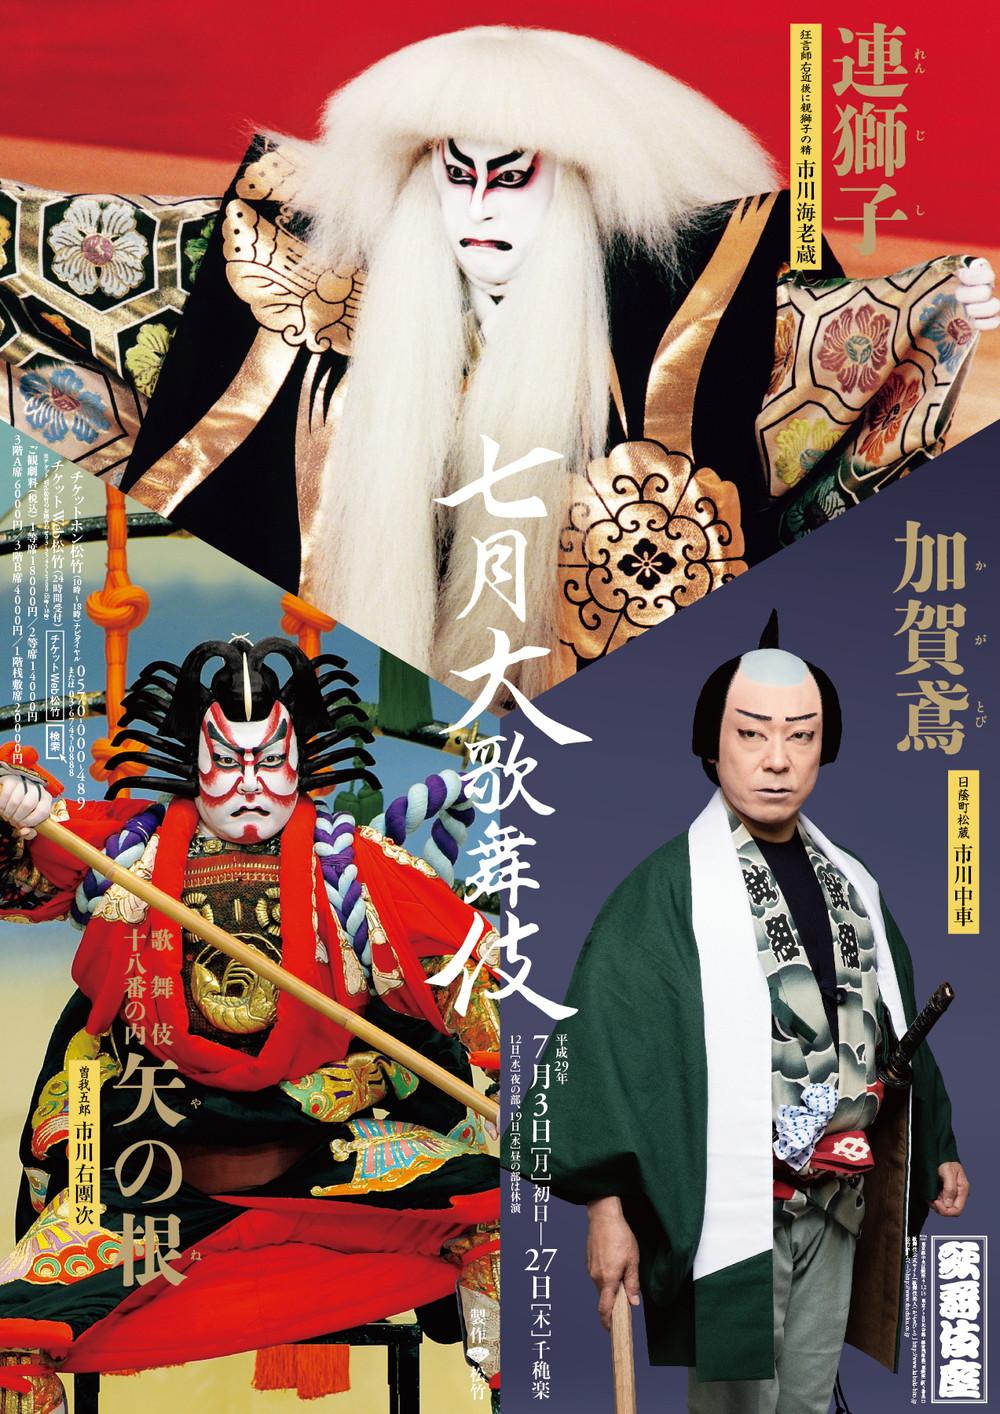 歌舞伎座「七月大歌舞伎」特別ポスター公開|歌舞伎美人